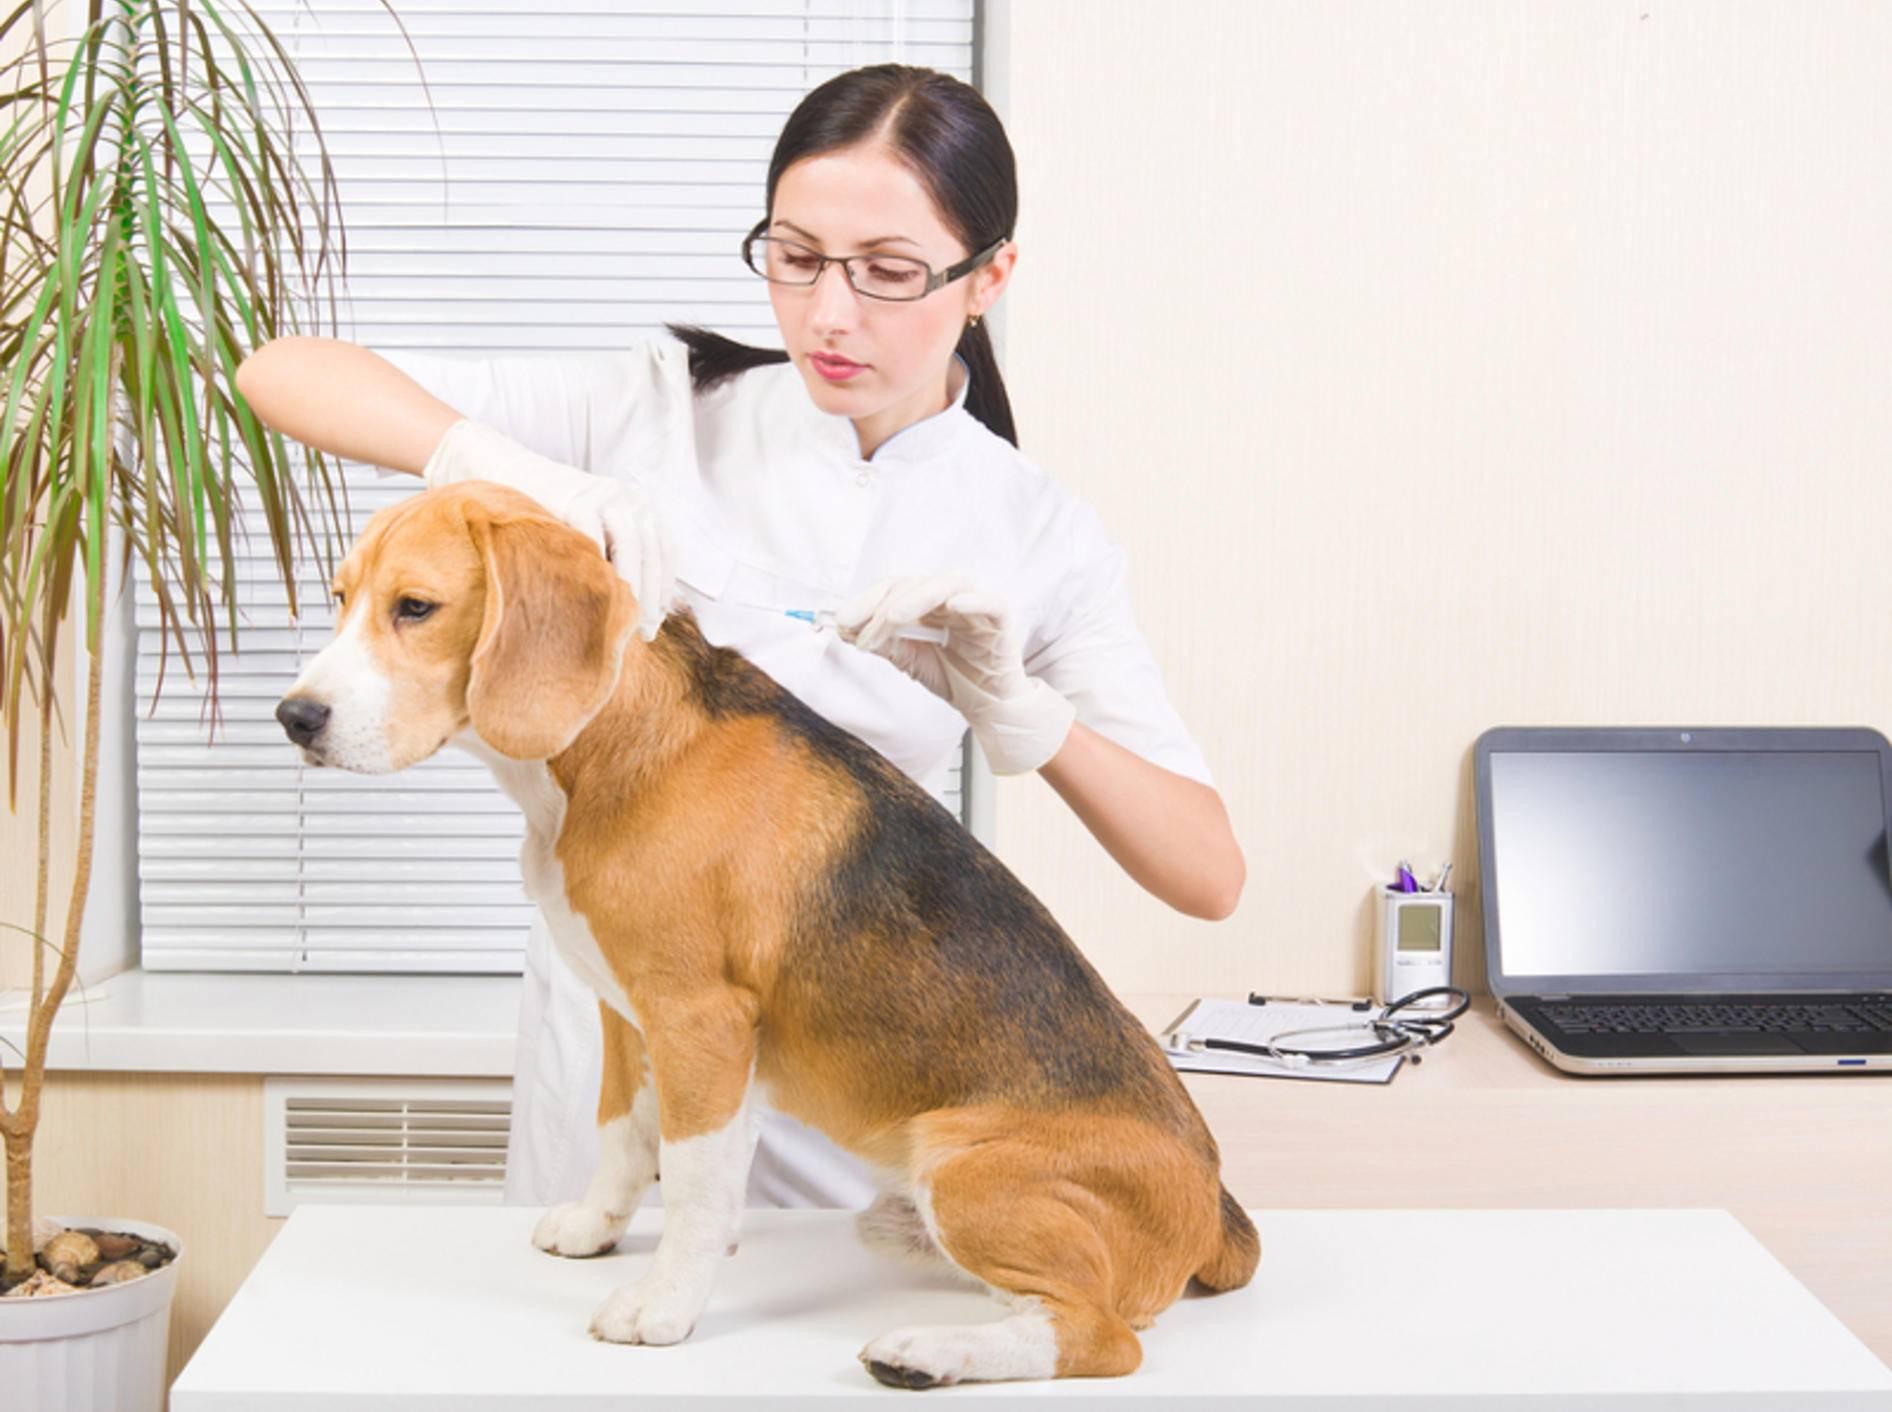 Das Einsetzen eines Mikrochips vertragen Hunde üblicherweise sehr gut – Bild: Shutterstock / Sonsedska Yuliia